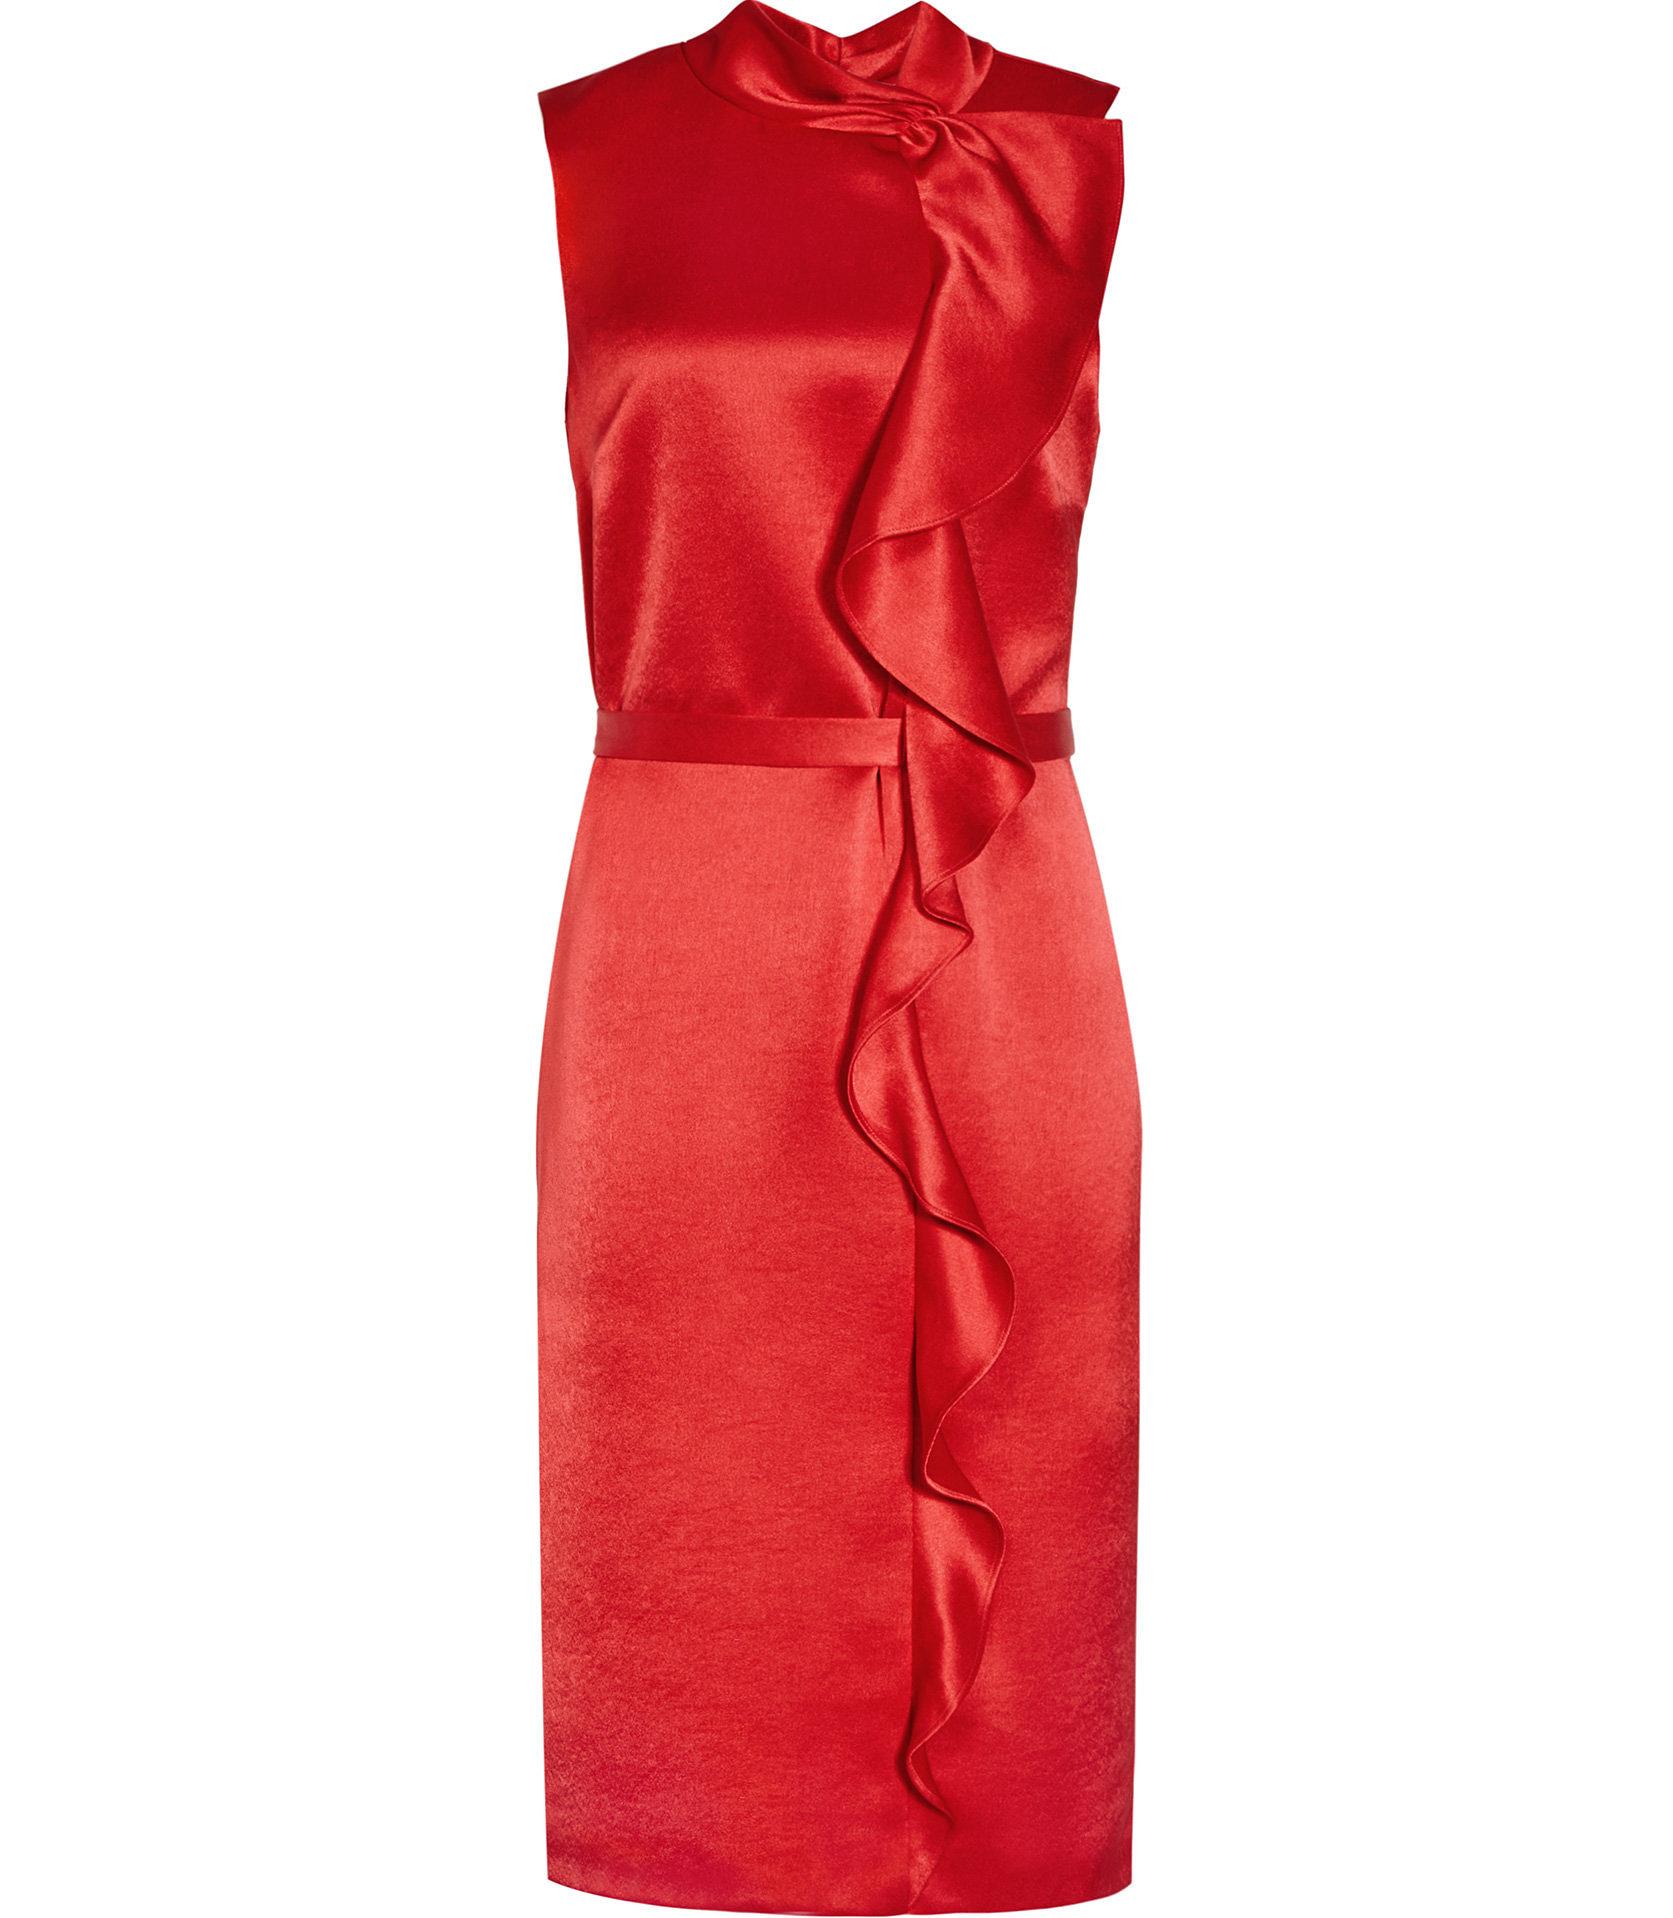 Lola china red dress 1